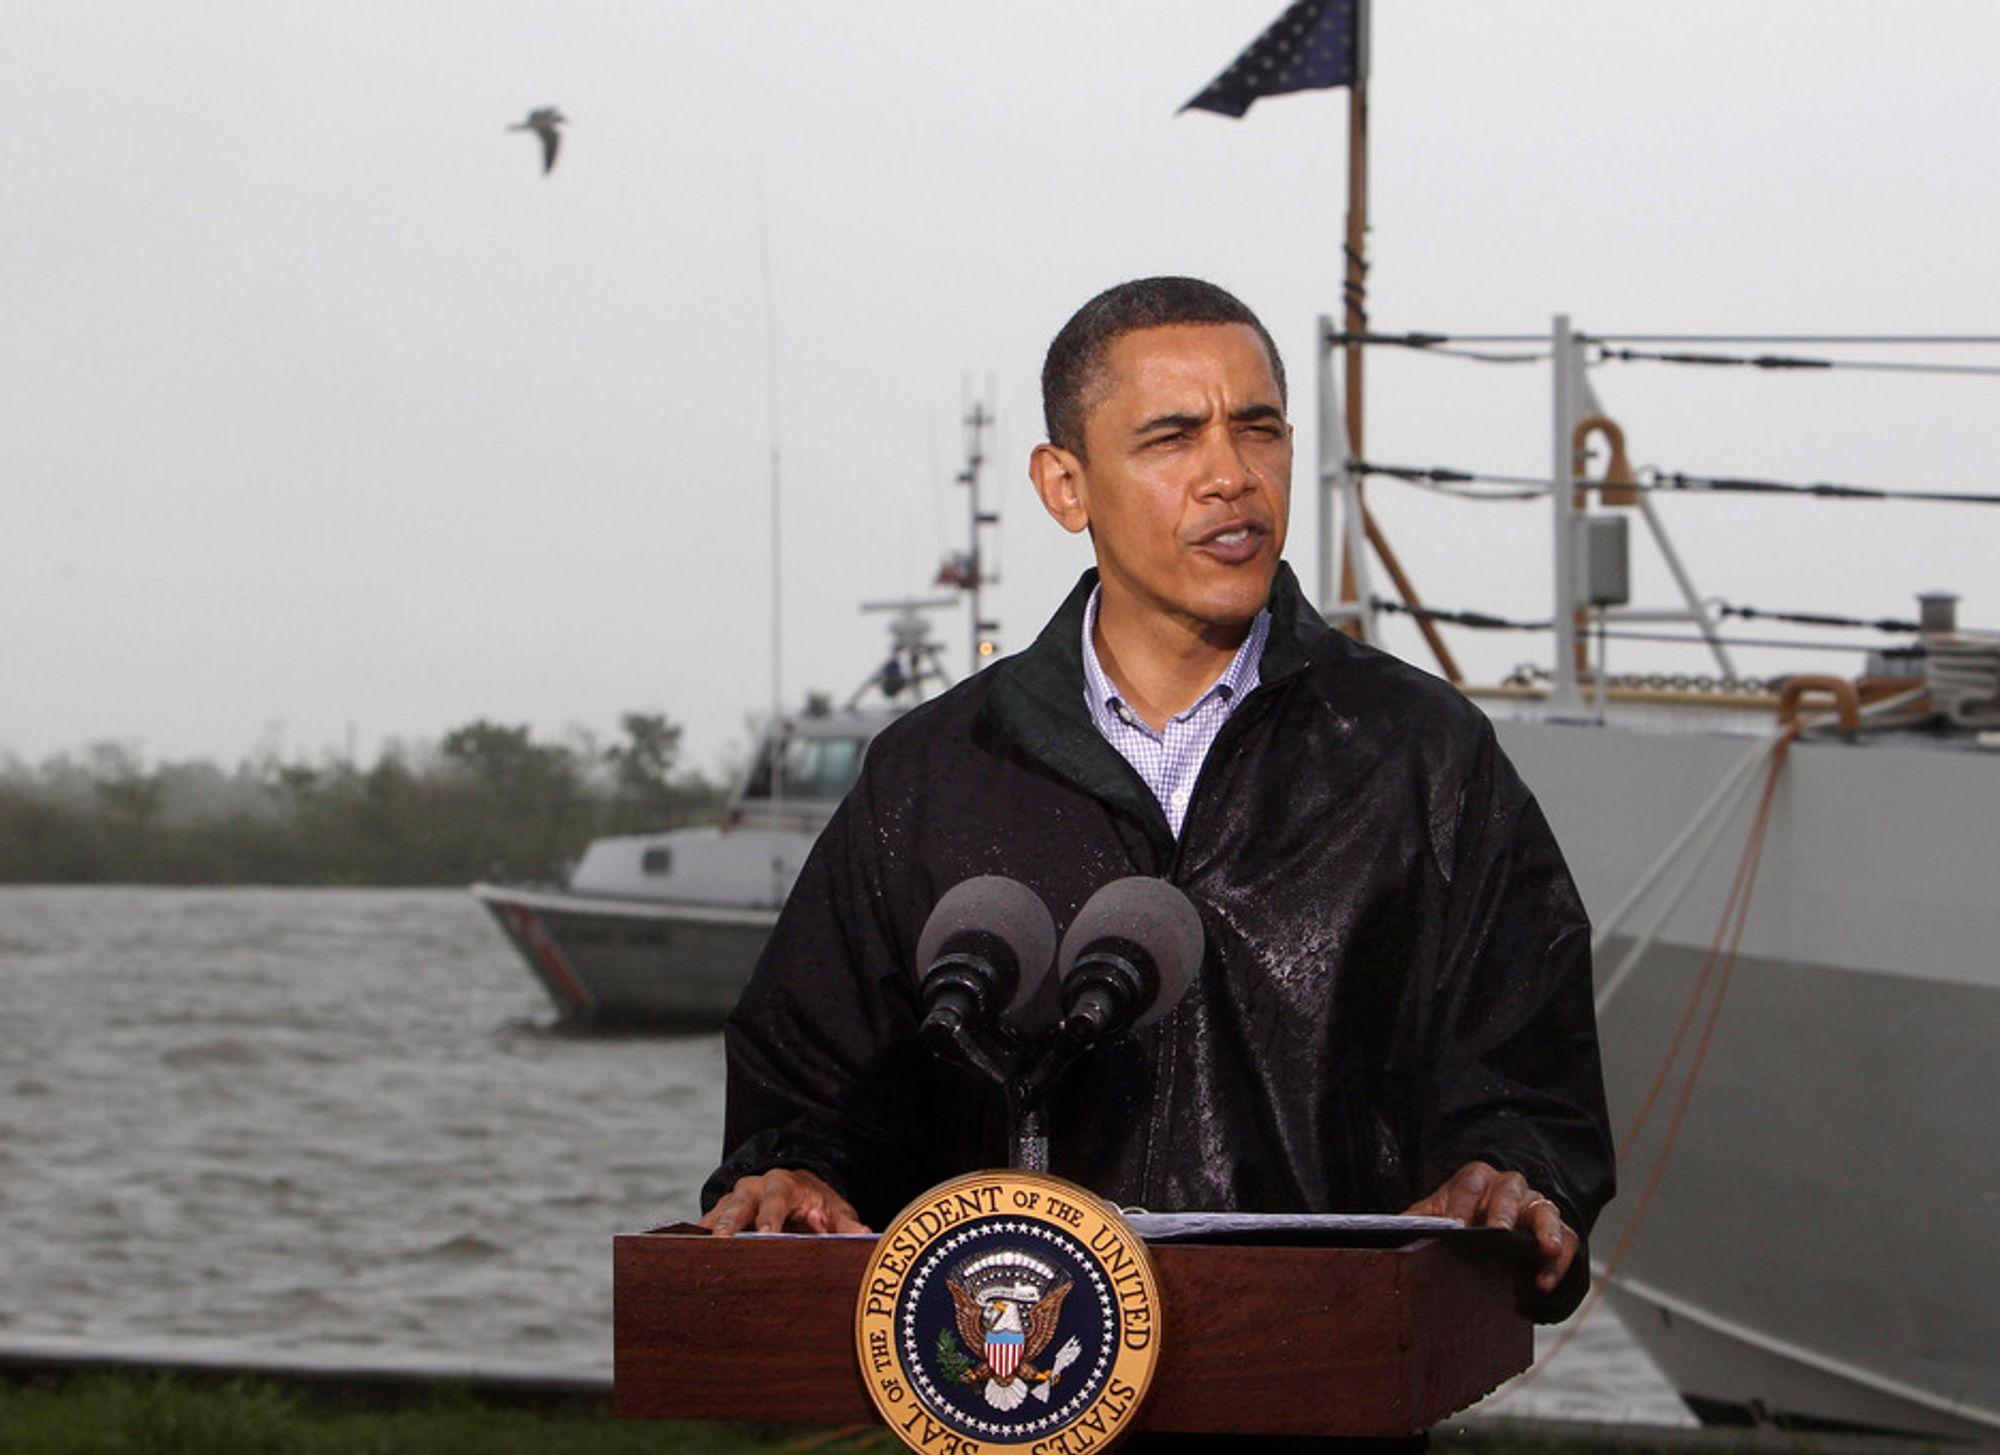 Et flertall av amerikanerne støtter ikke president Barack Obamas forbud mot leteboring utenfor kysten av USA, viser en ny meningsmåling.